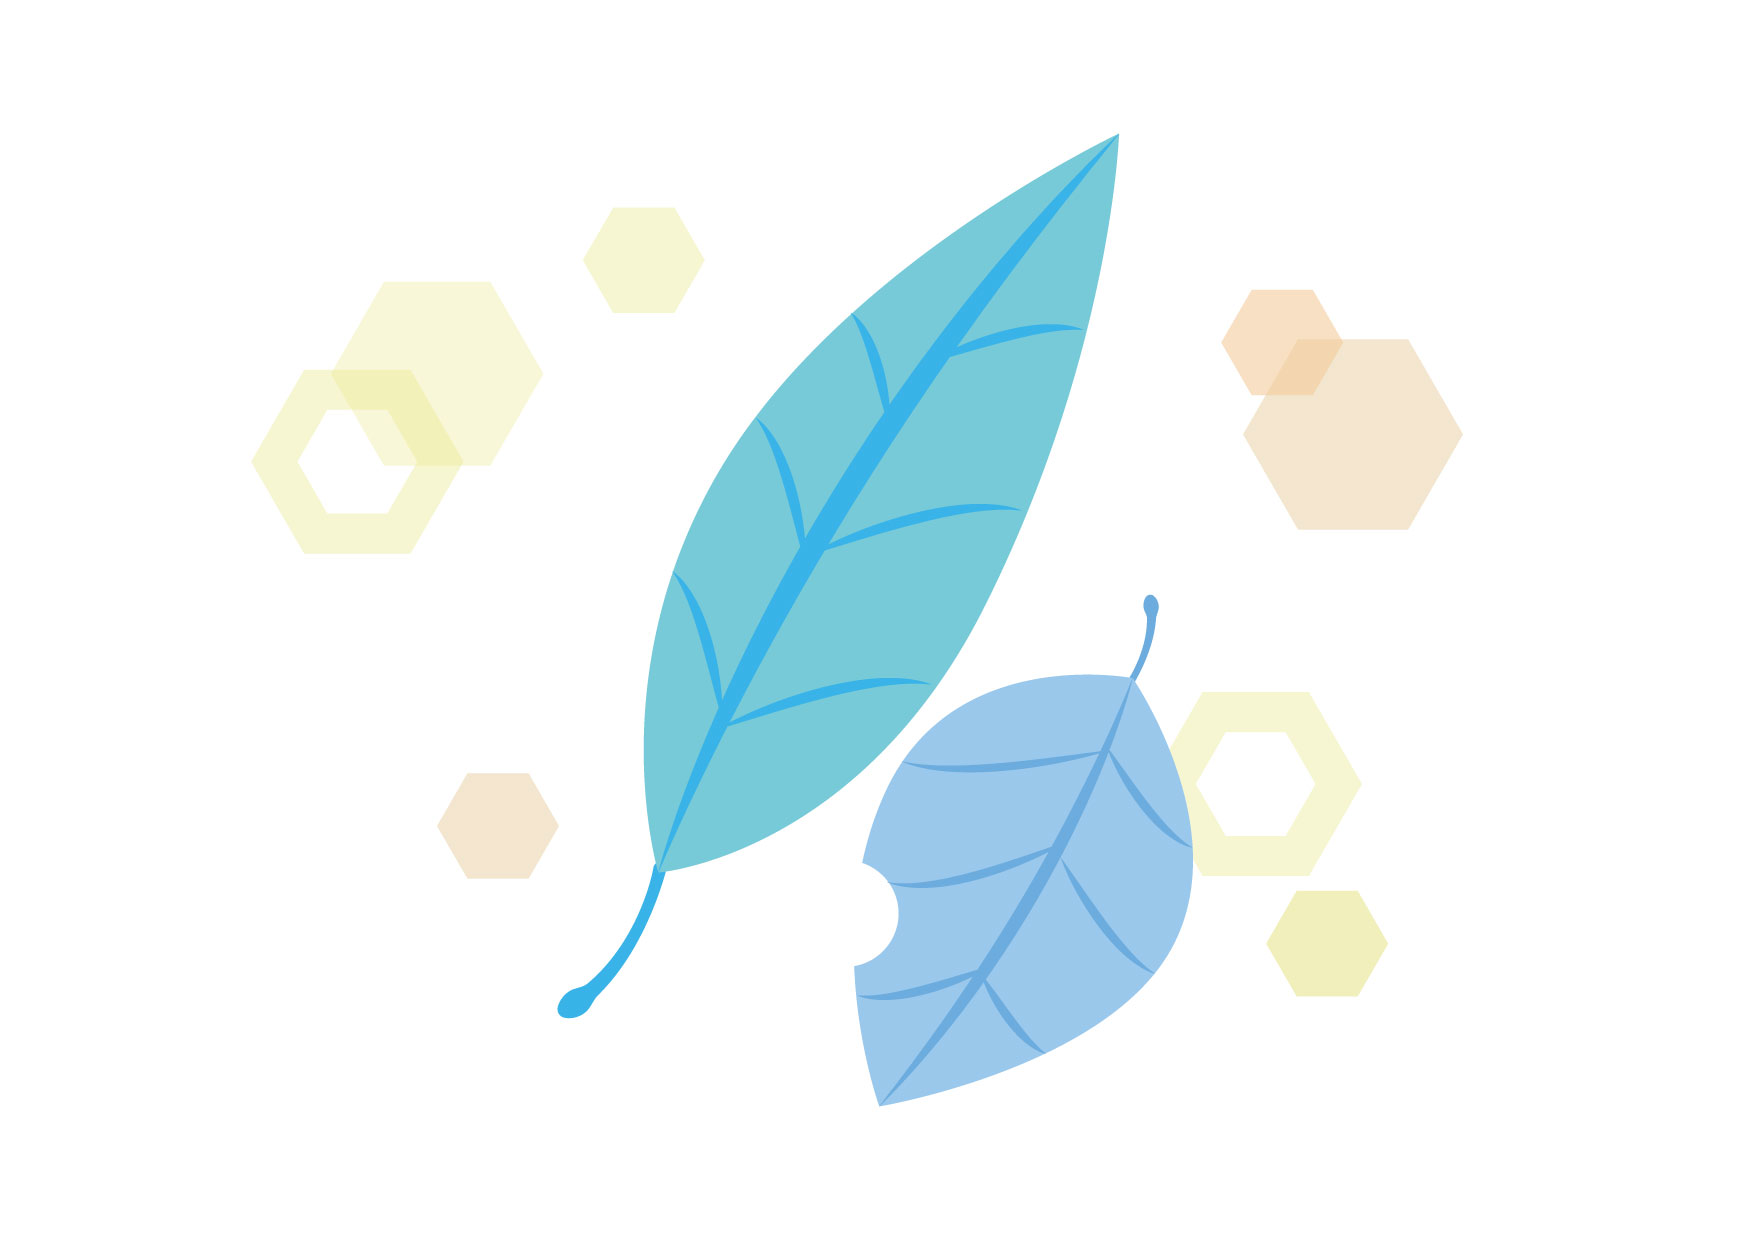 可愛いイラスト無料|落ち葉 青色 キラキラ − free illustration Fallen leaves blue glitter